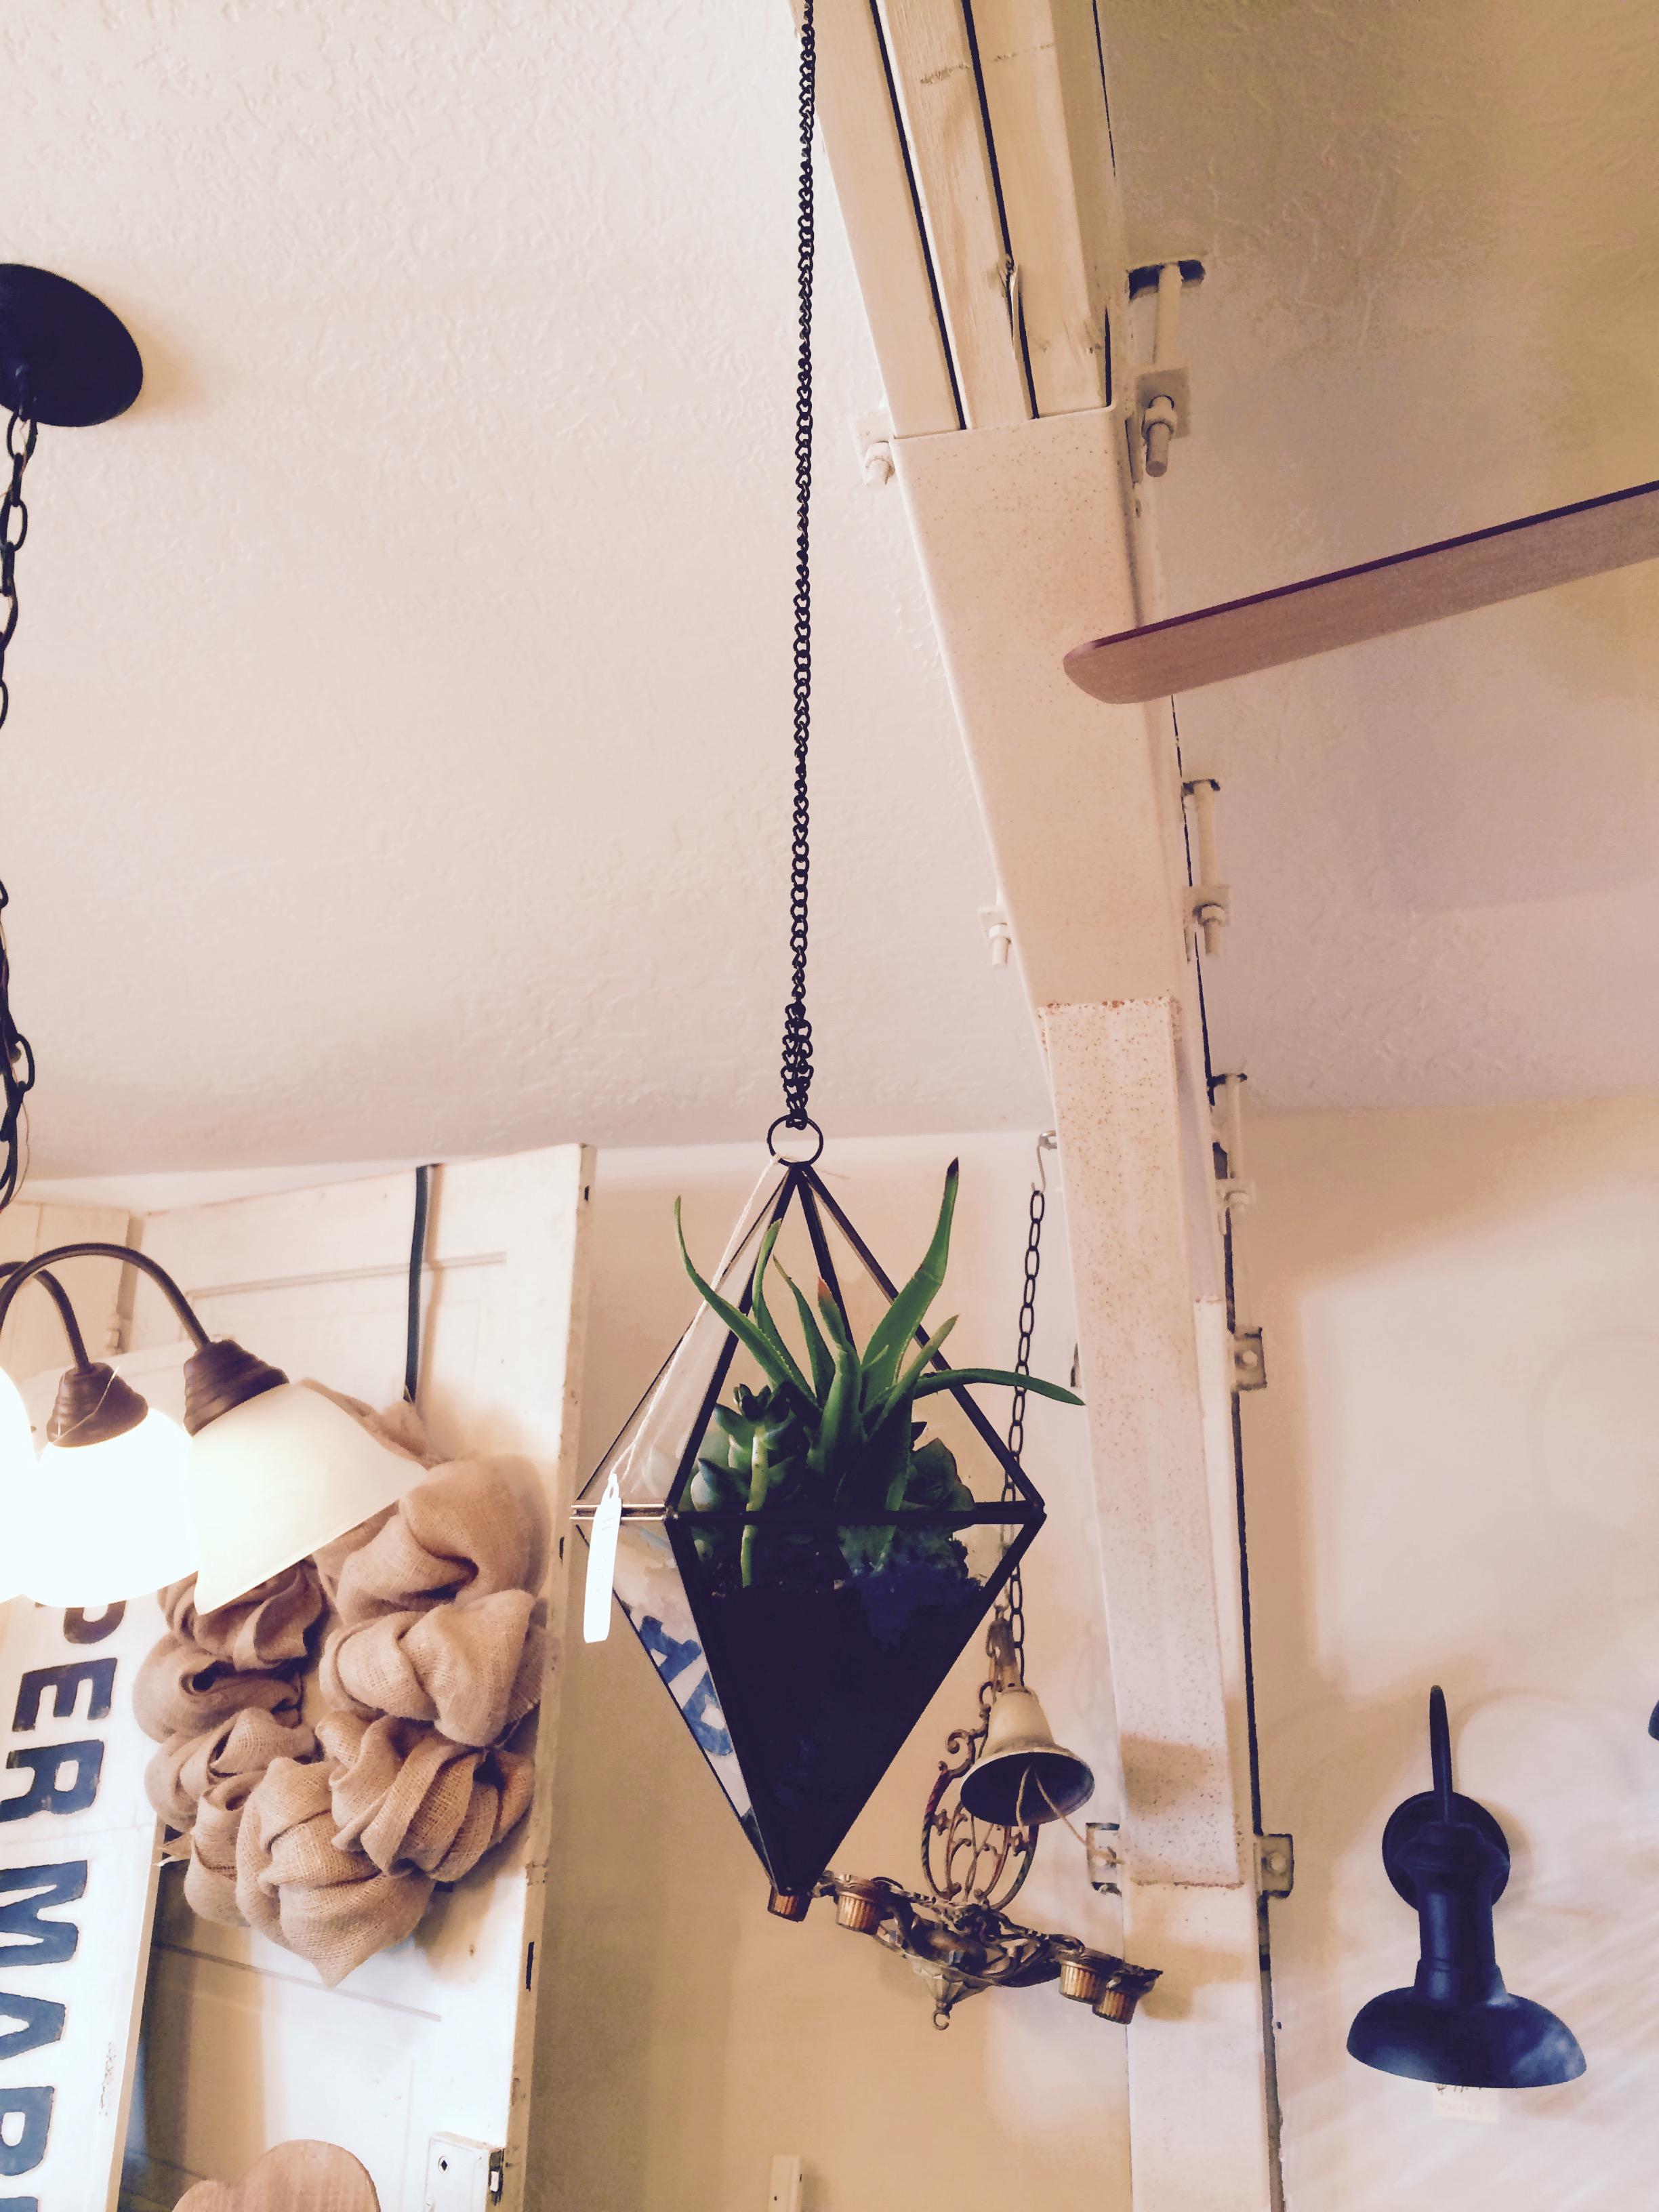 Hanging Succulent Terrarium $15